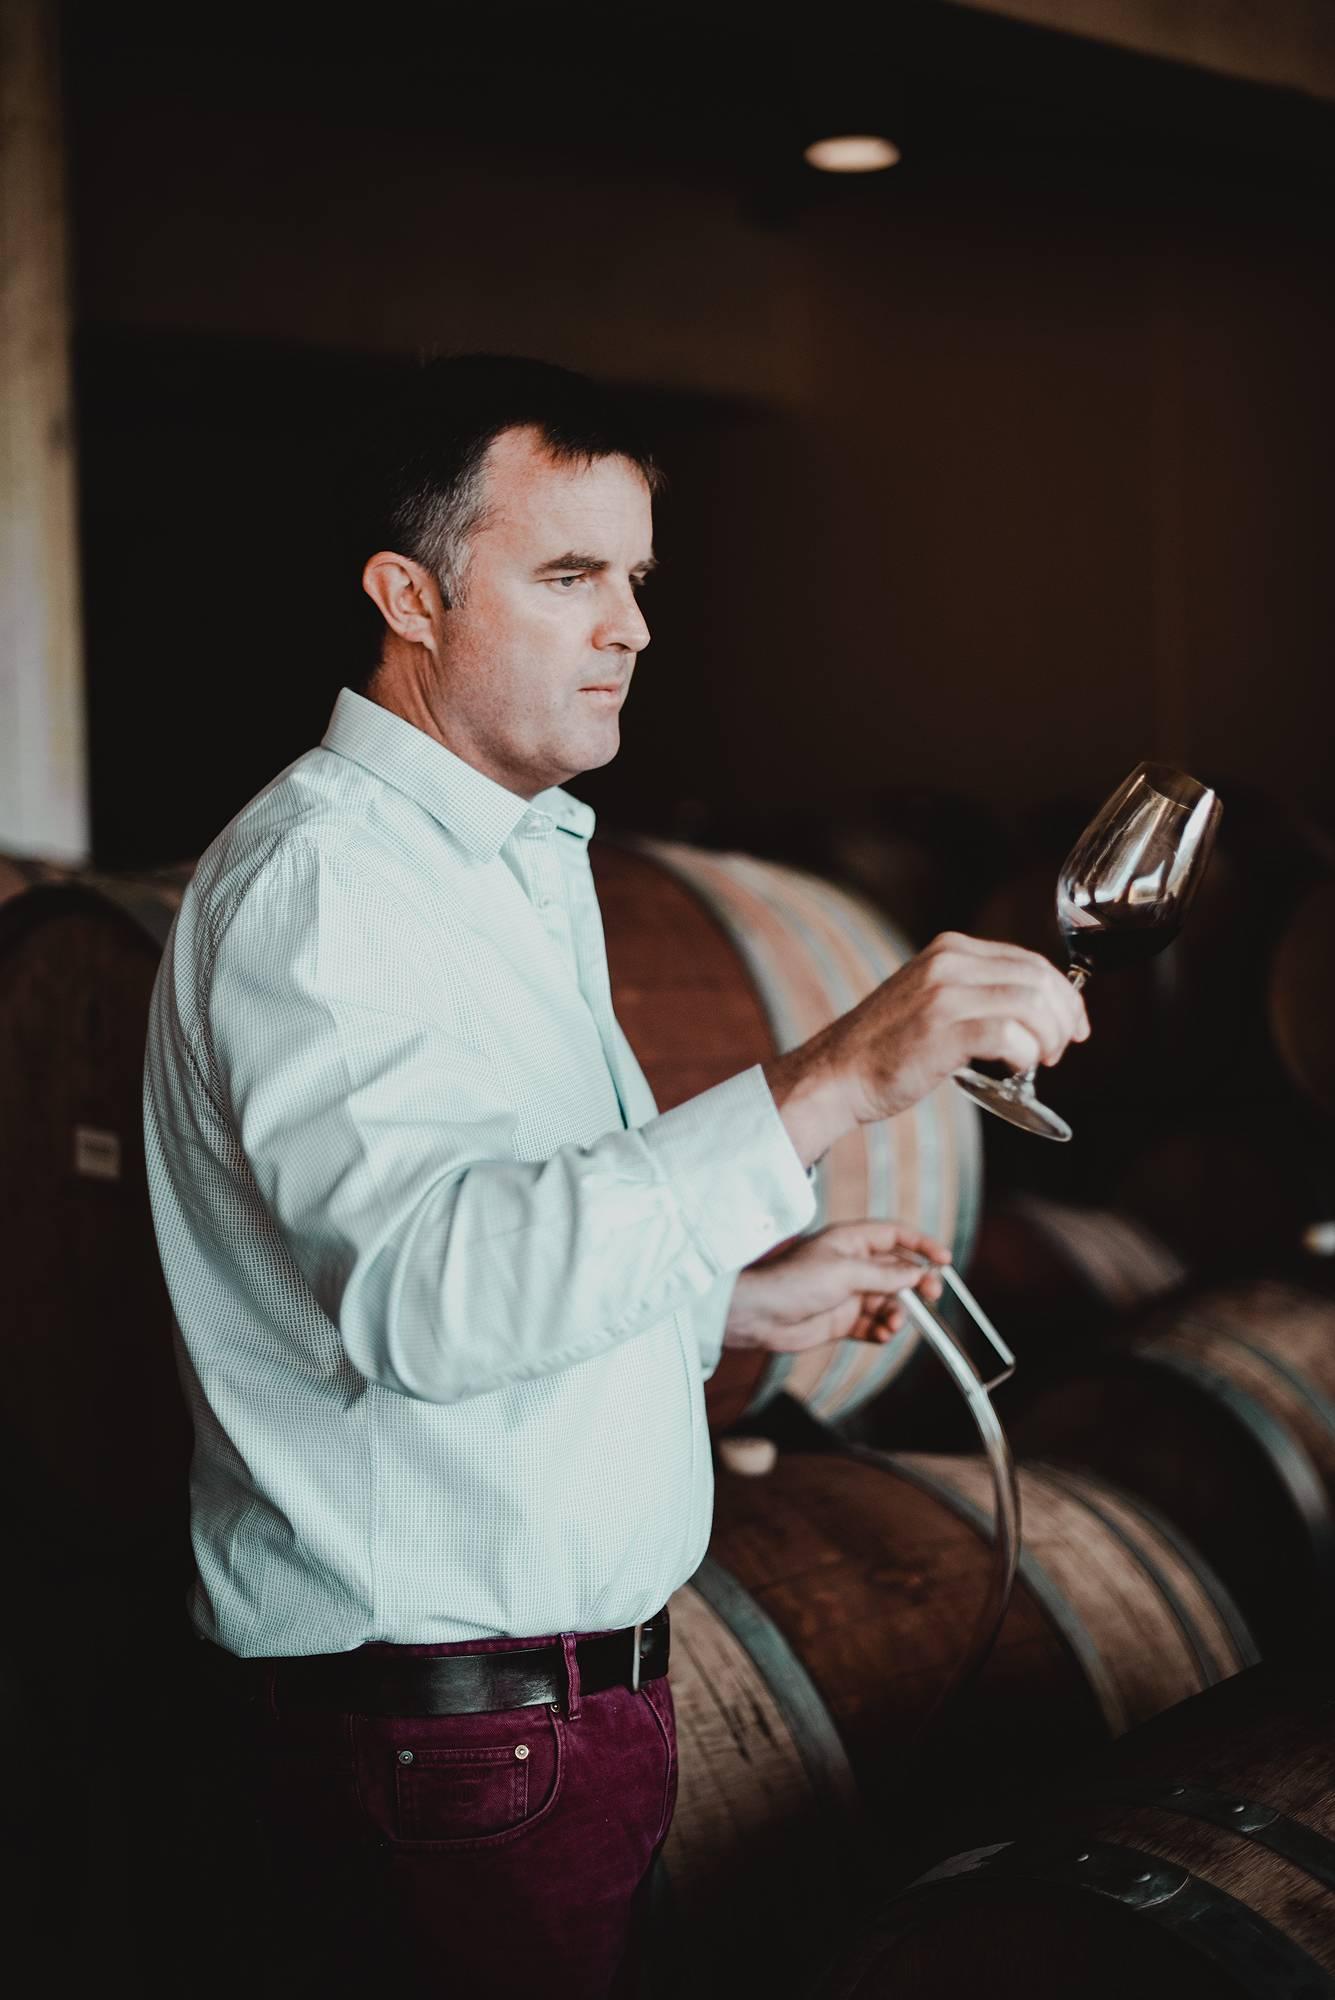 Glenelly- Stellenbosch- Wijnmaker Luke O'Cuinneagain uit Zuid-Afrika